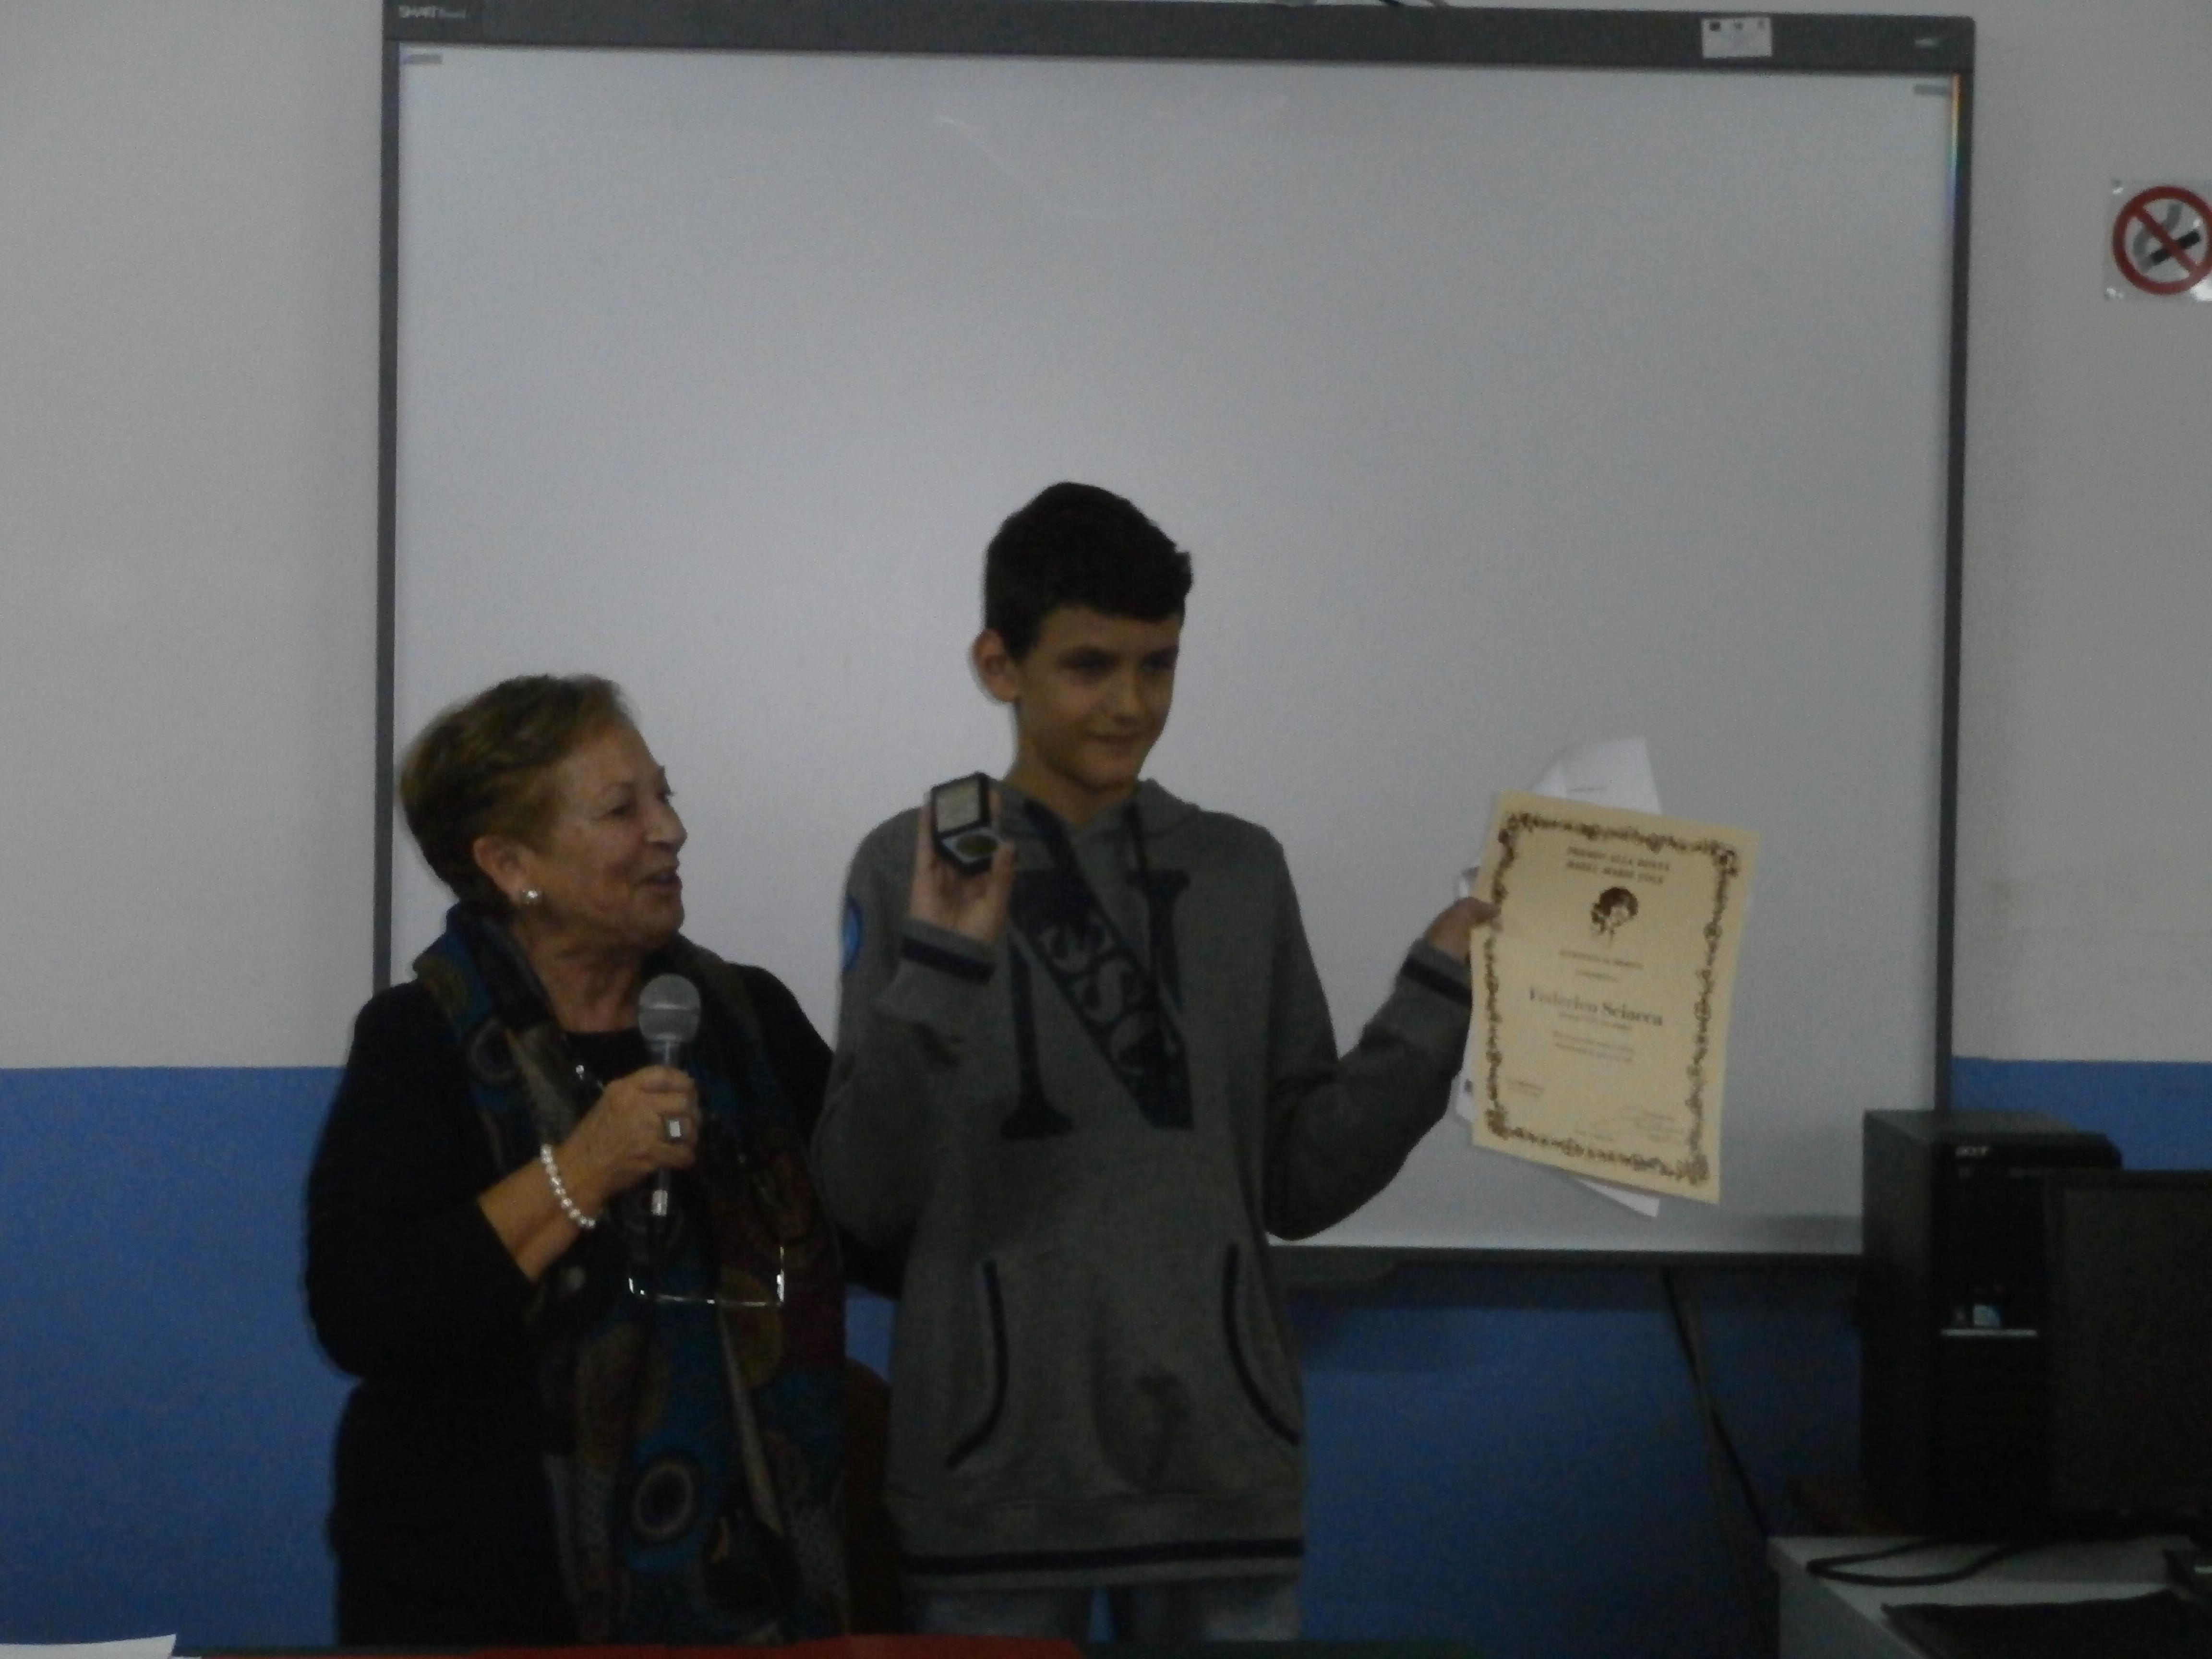 procediamo poi alla premiazione di Federico che sorride mentre i compagni applaudono.